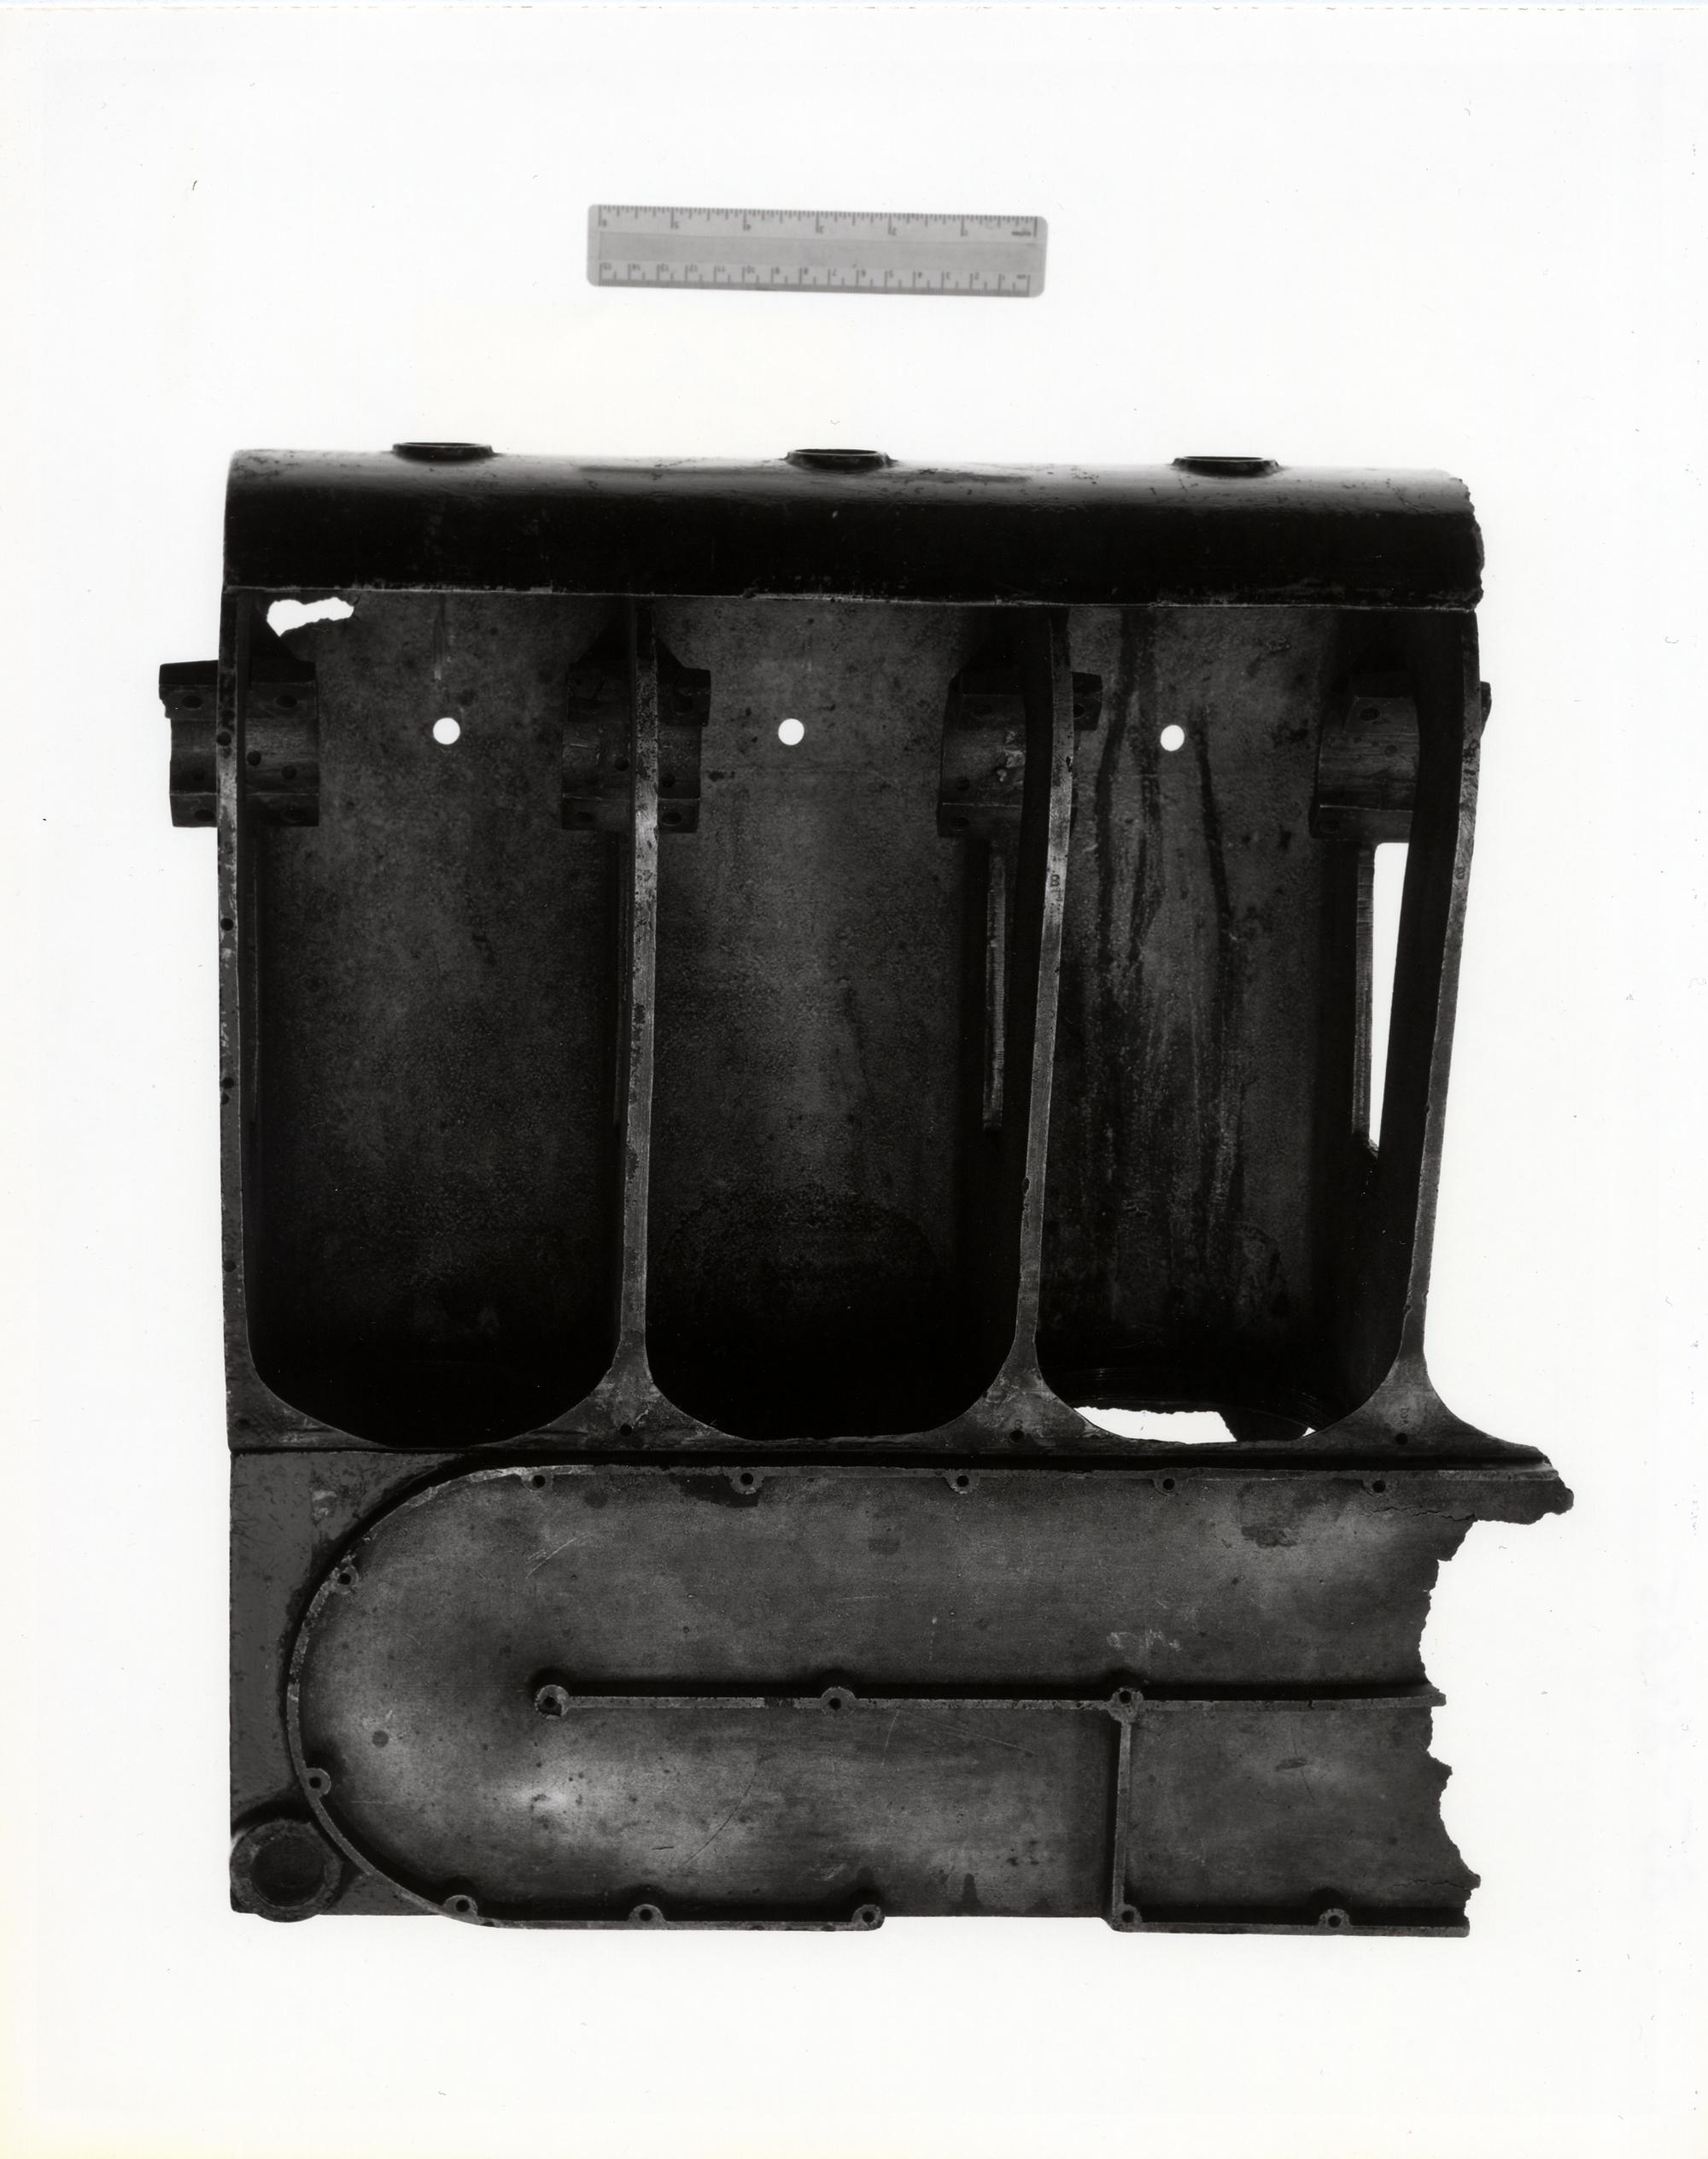 The original broken crankcase flown in 1903